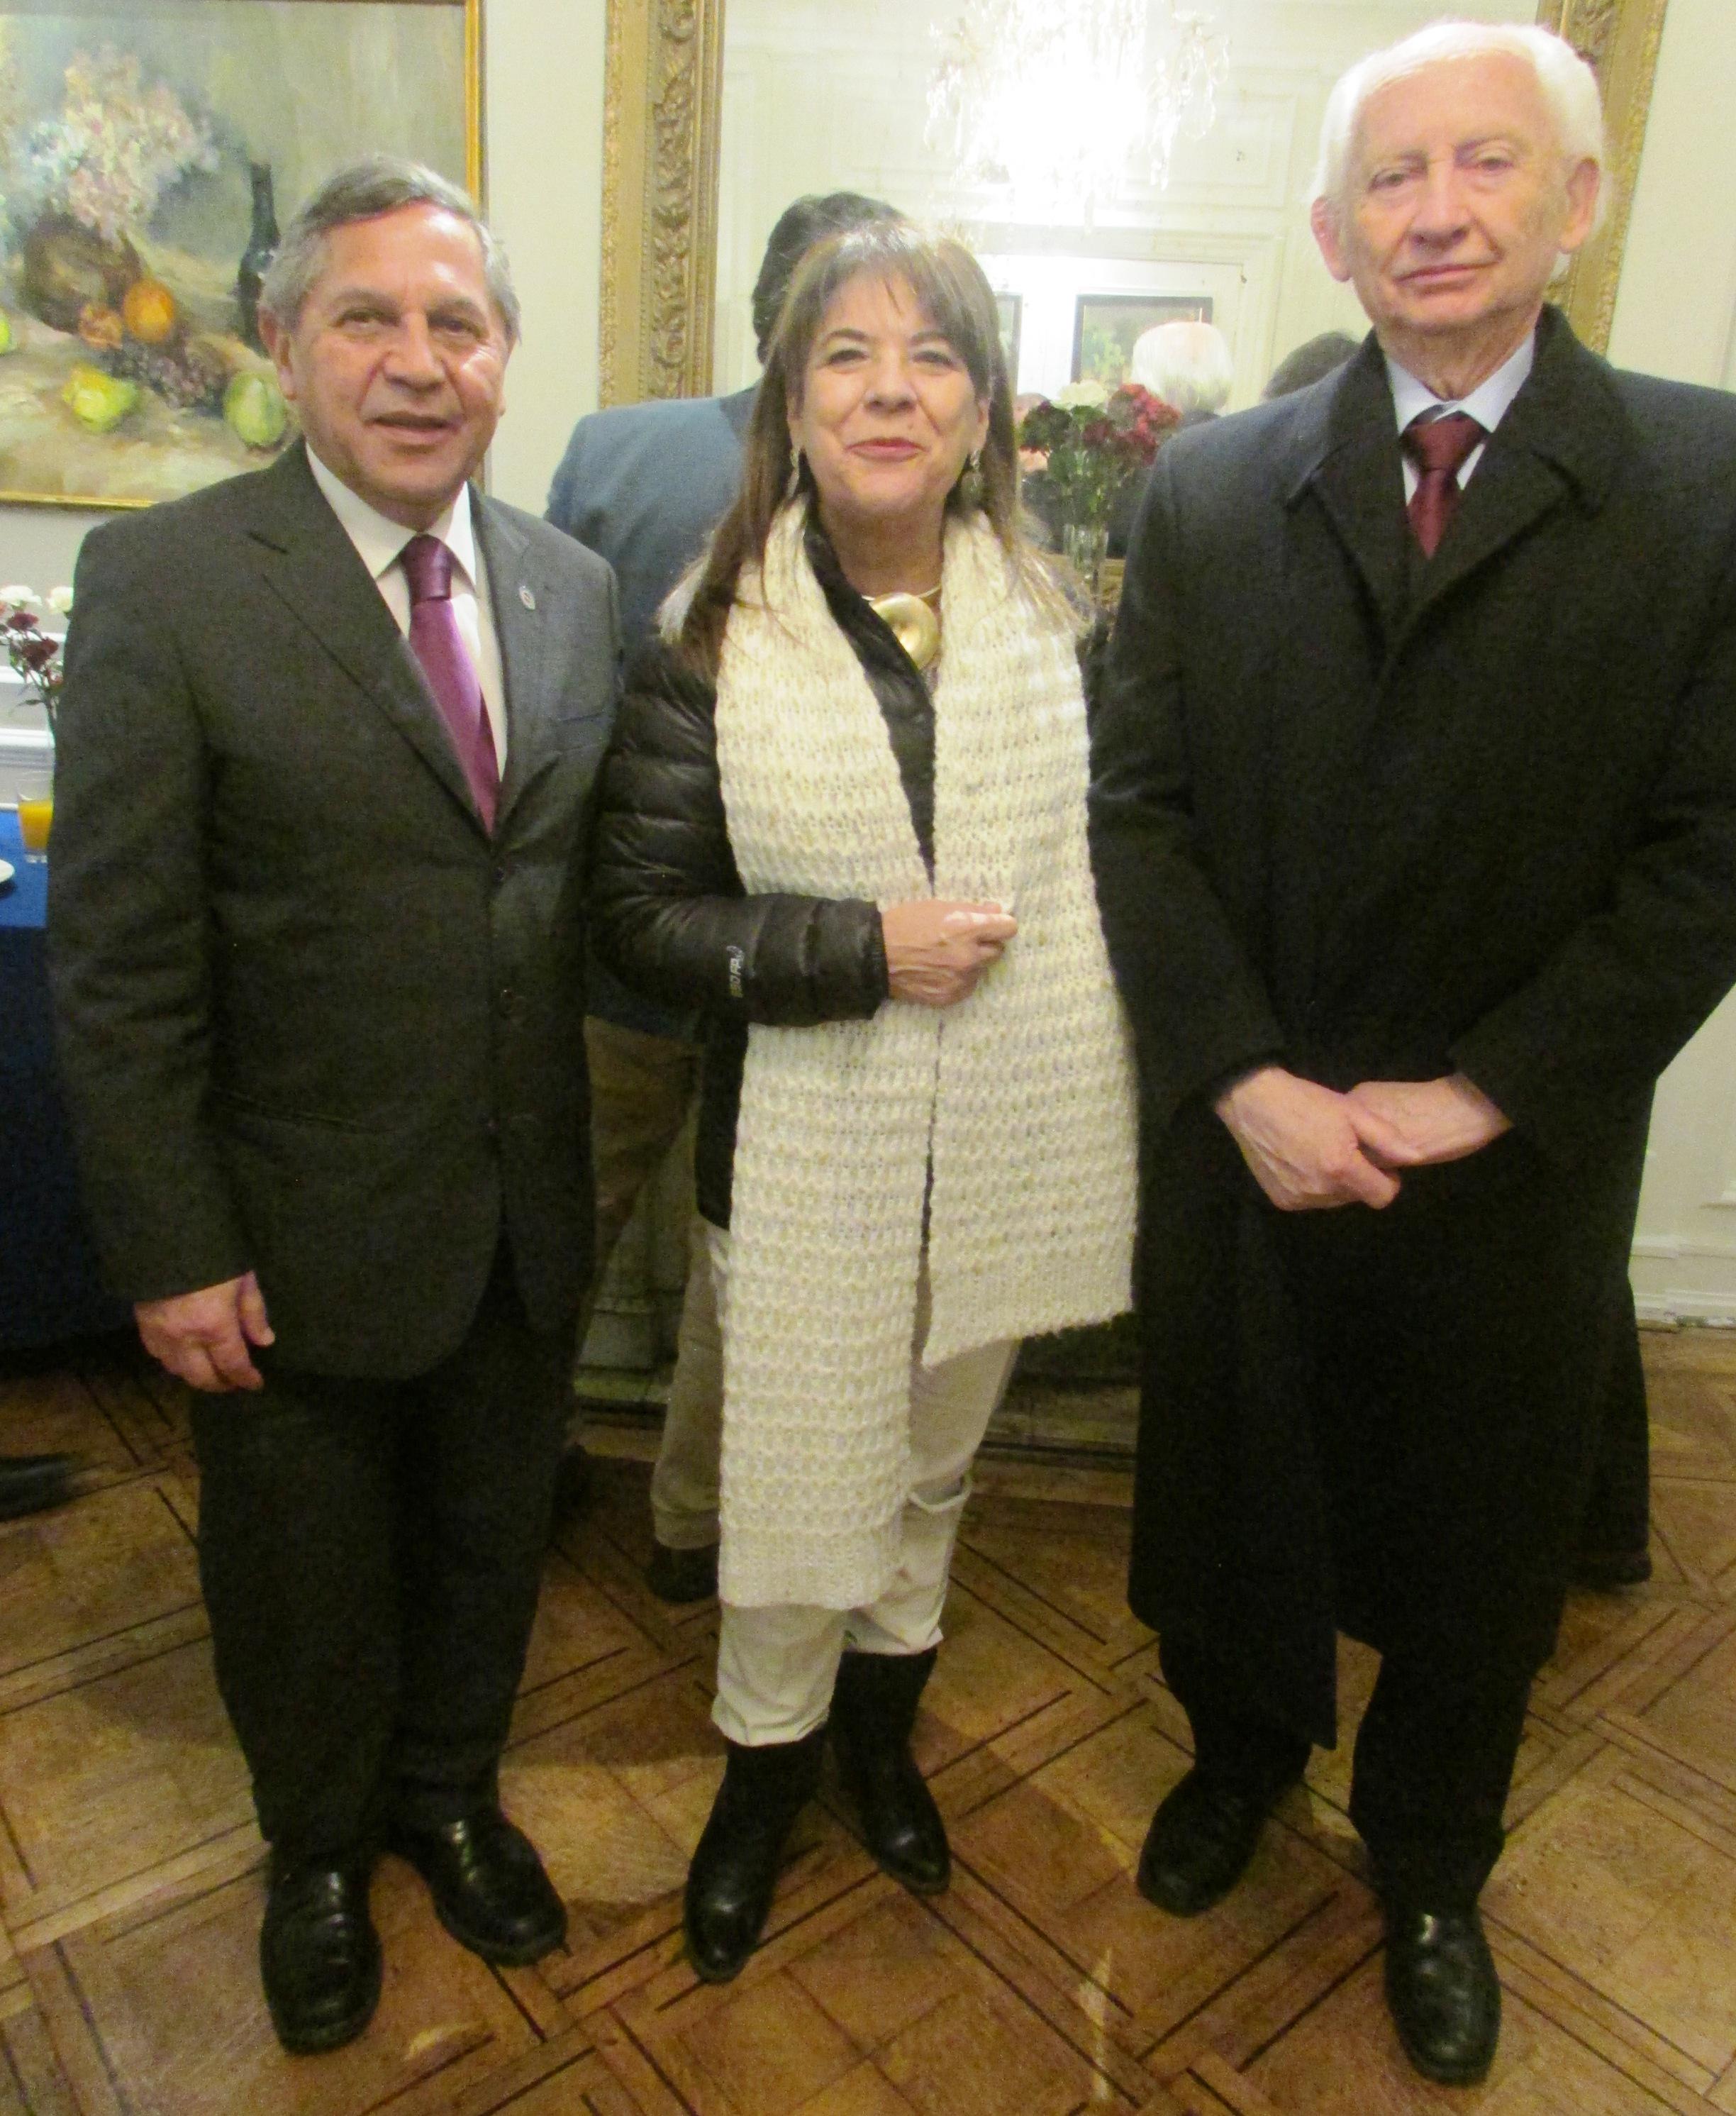 Los consejeros nacionales, Dr. Milton Ramos Miranda (izq) y Dr. Rolando Schulz Vidad (der.) junto a la presidenta de la Sociedad de Odontopediatría, Dr. Sonia Echeverría L.